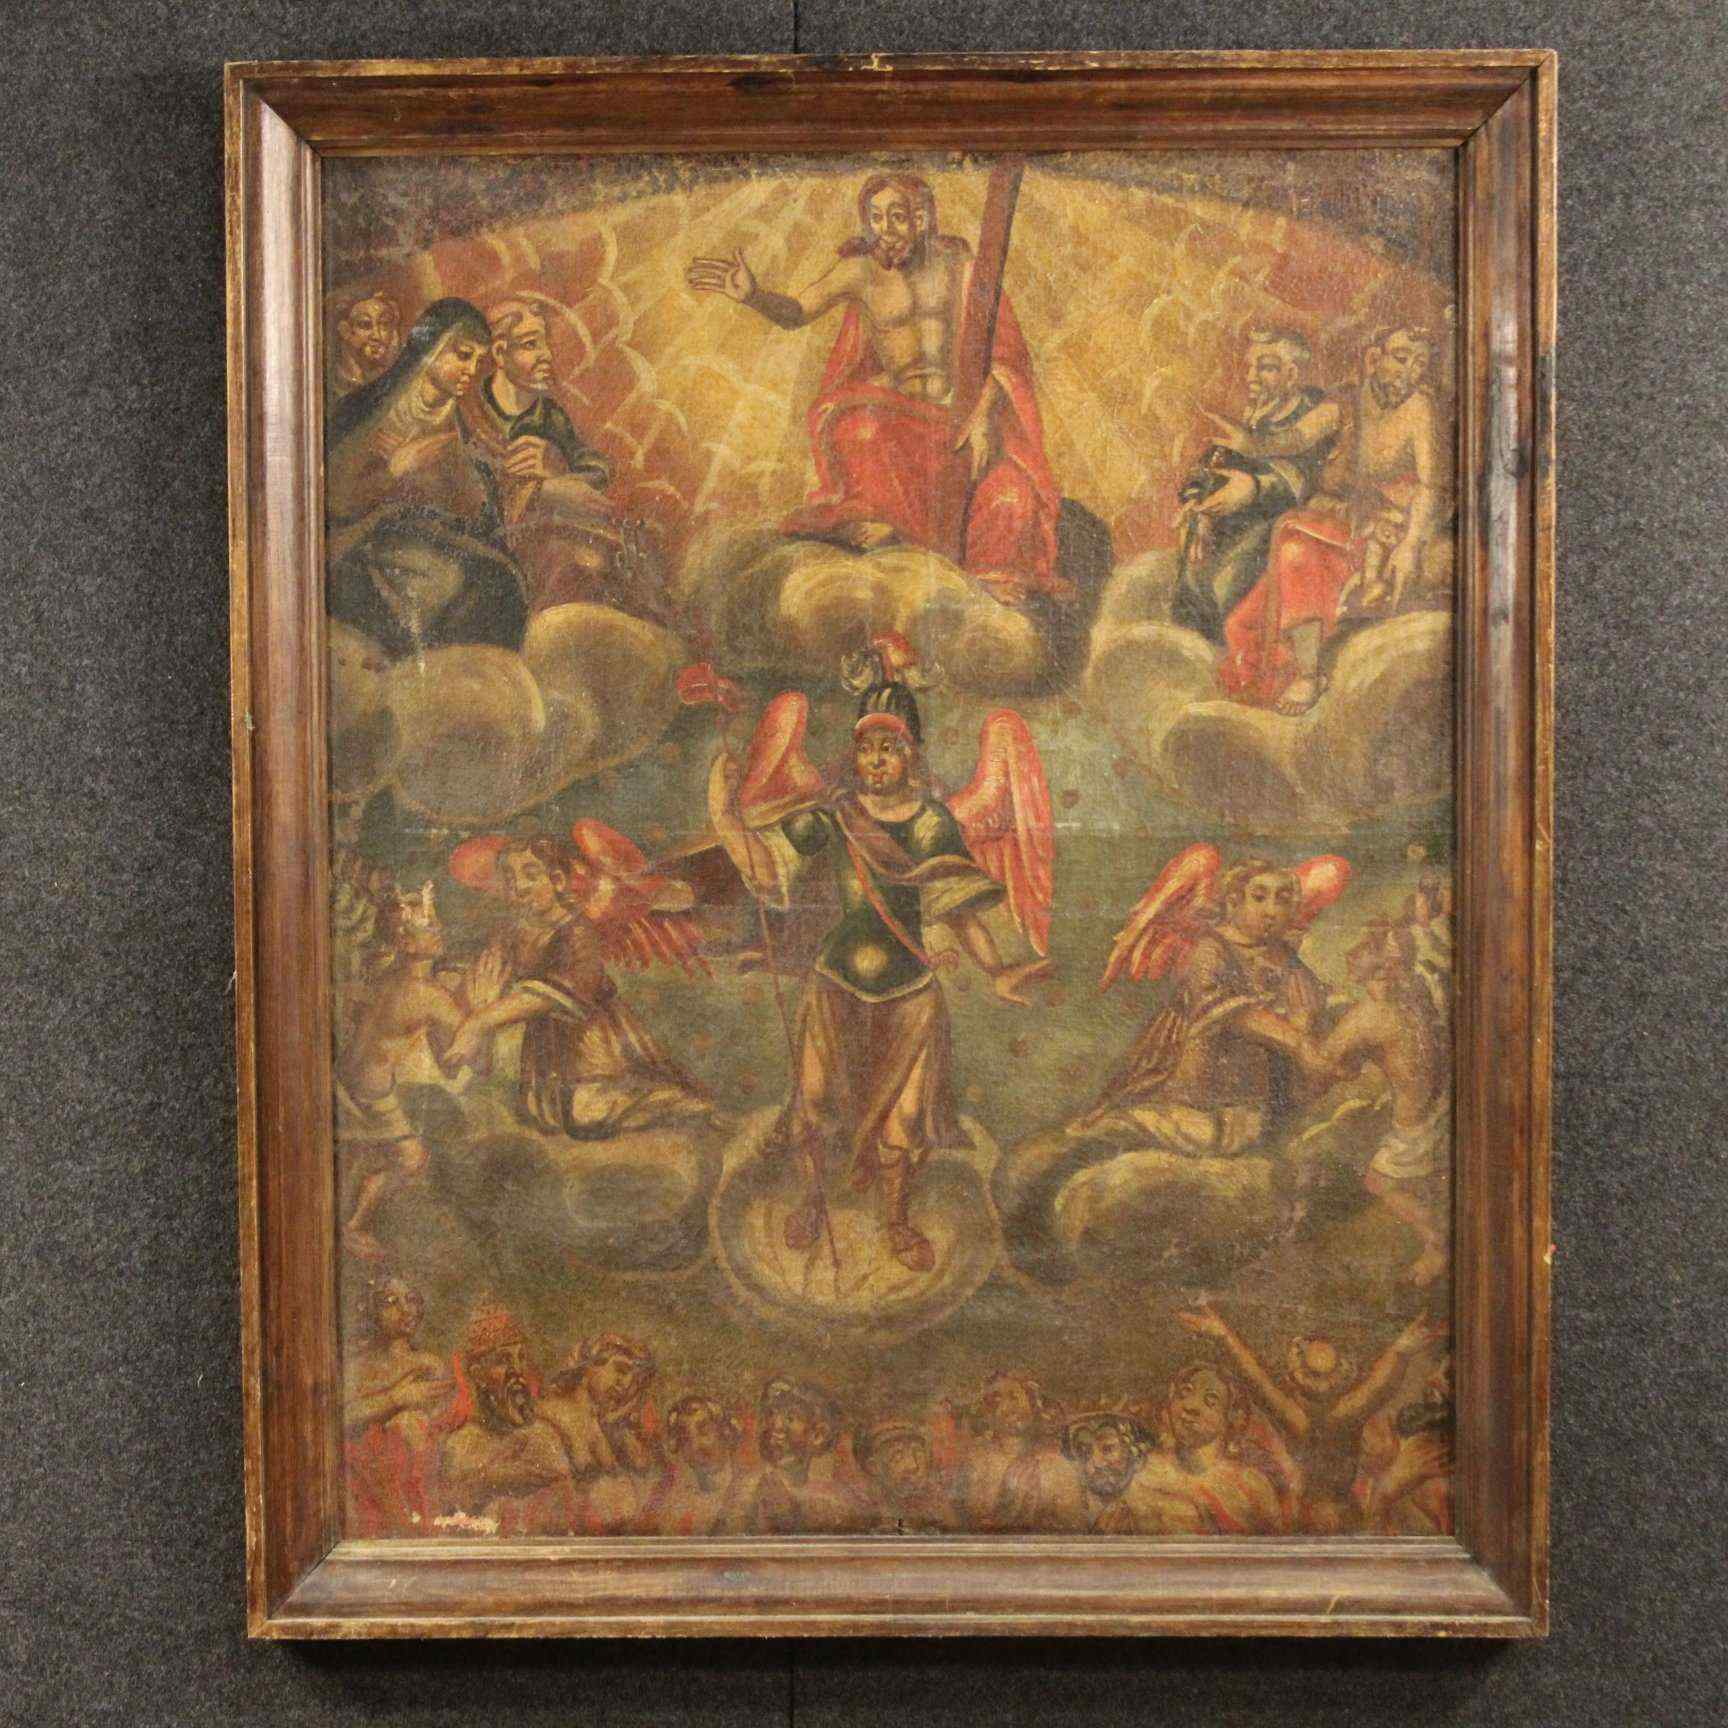 Ancien tableau religieux espagnol du XVIIIème siècle